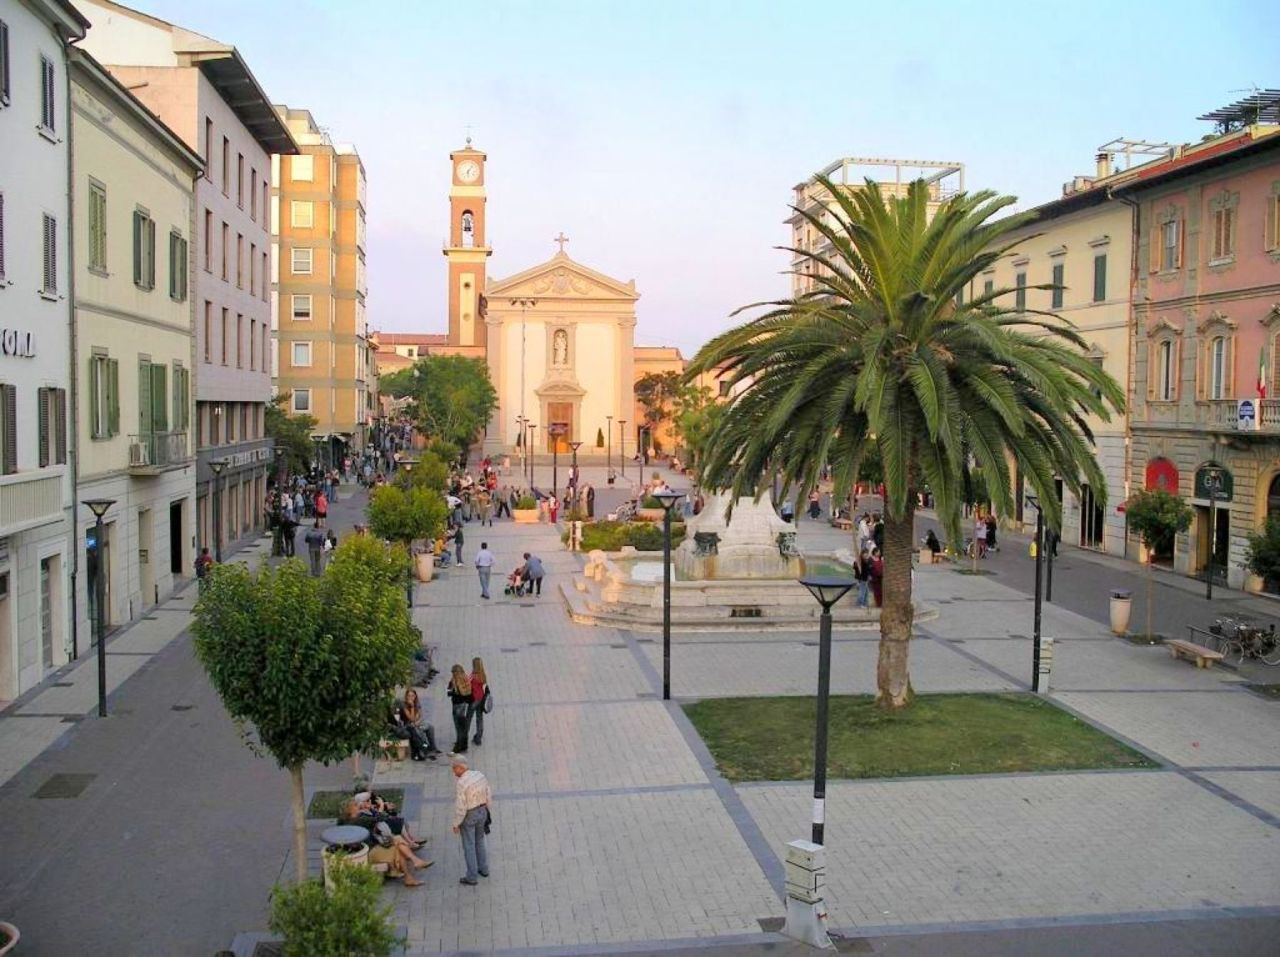 Locale commerciale - 2 Vetrine a Cecina Rif. 9950653